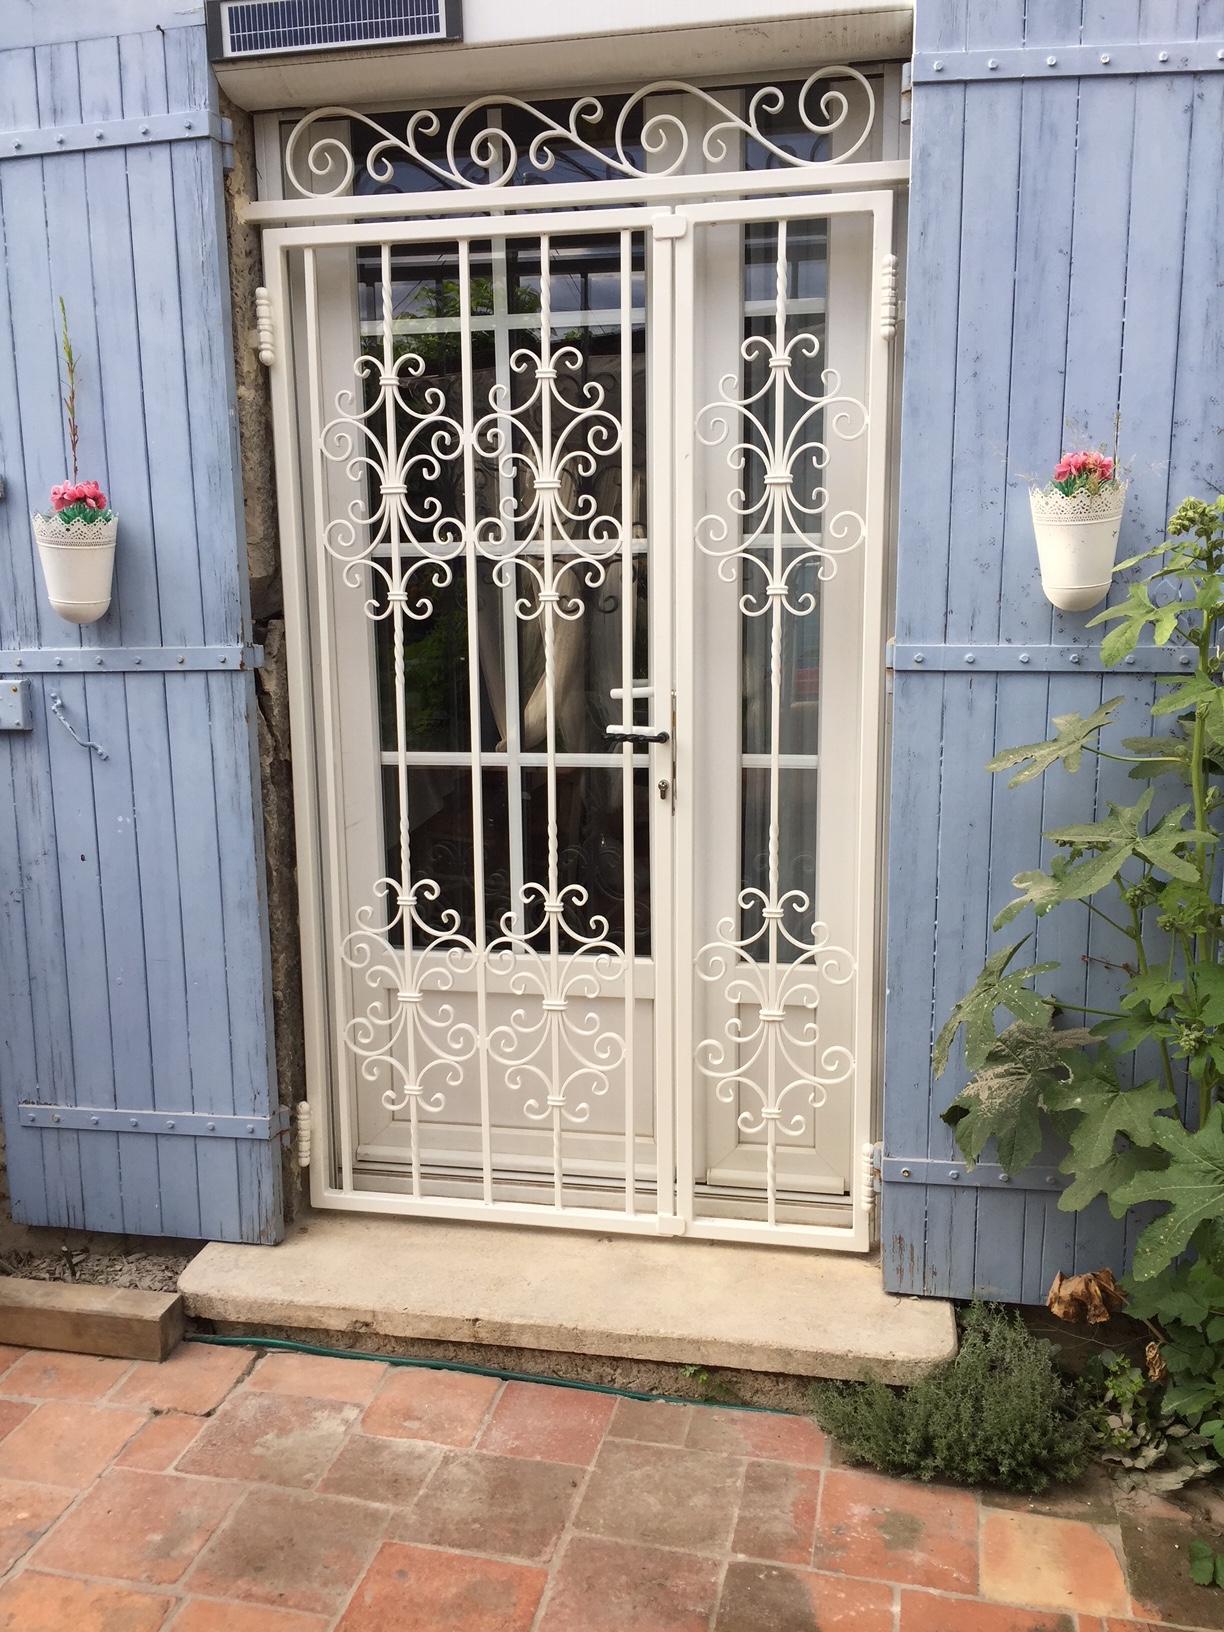 A la demande de notre client nous avons fabriqué sur mesure une grille de protection avec peinture de finition thermolaquée blanc - réalisation avec décors de notre gamme . Localisation Lot et Garonne